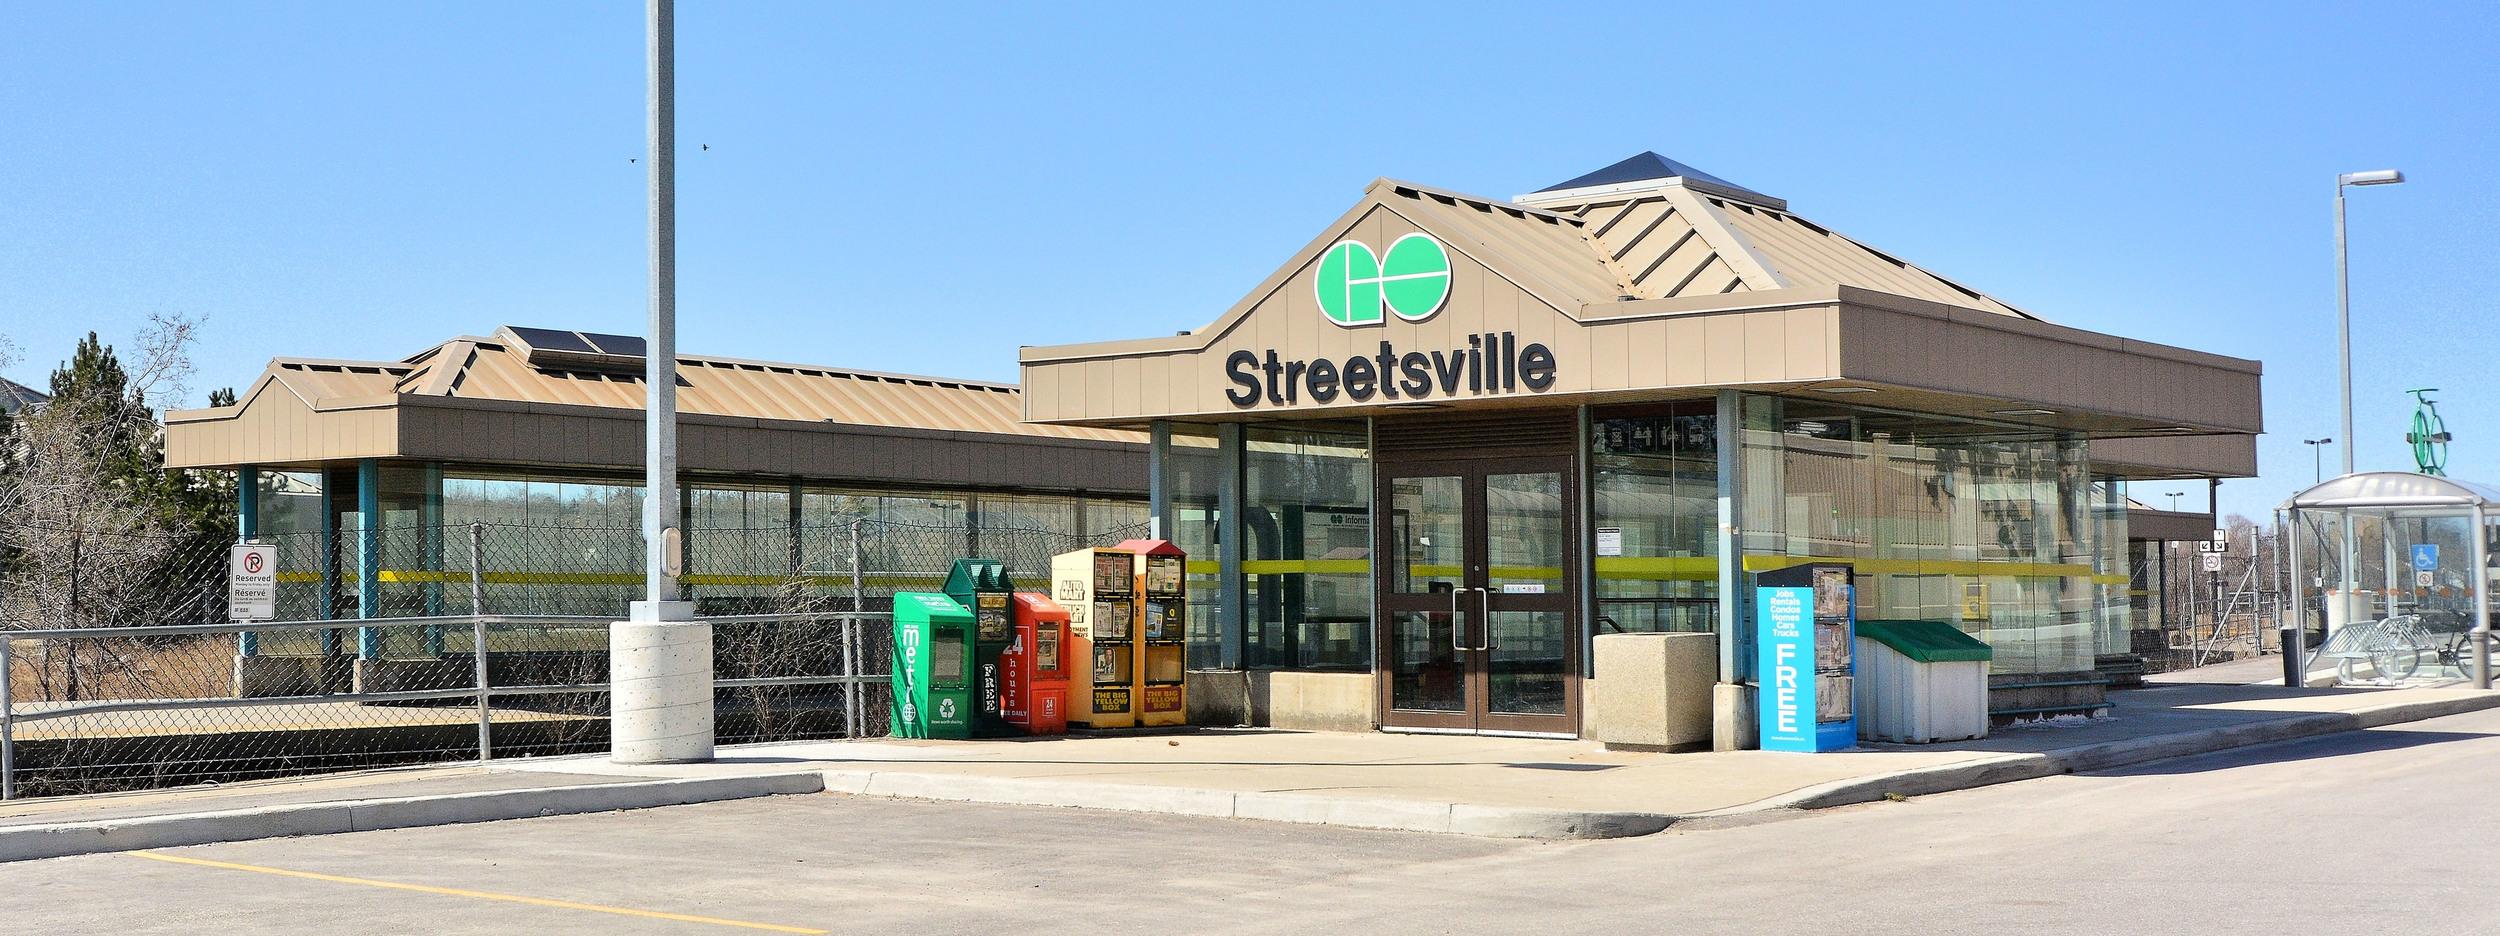 go_station_streetsville.jpg